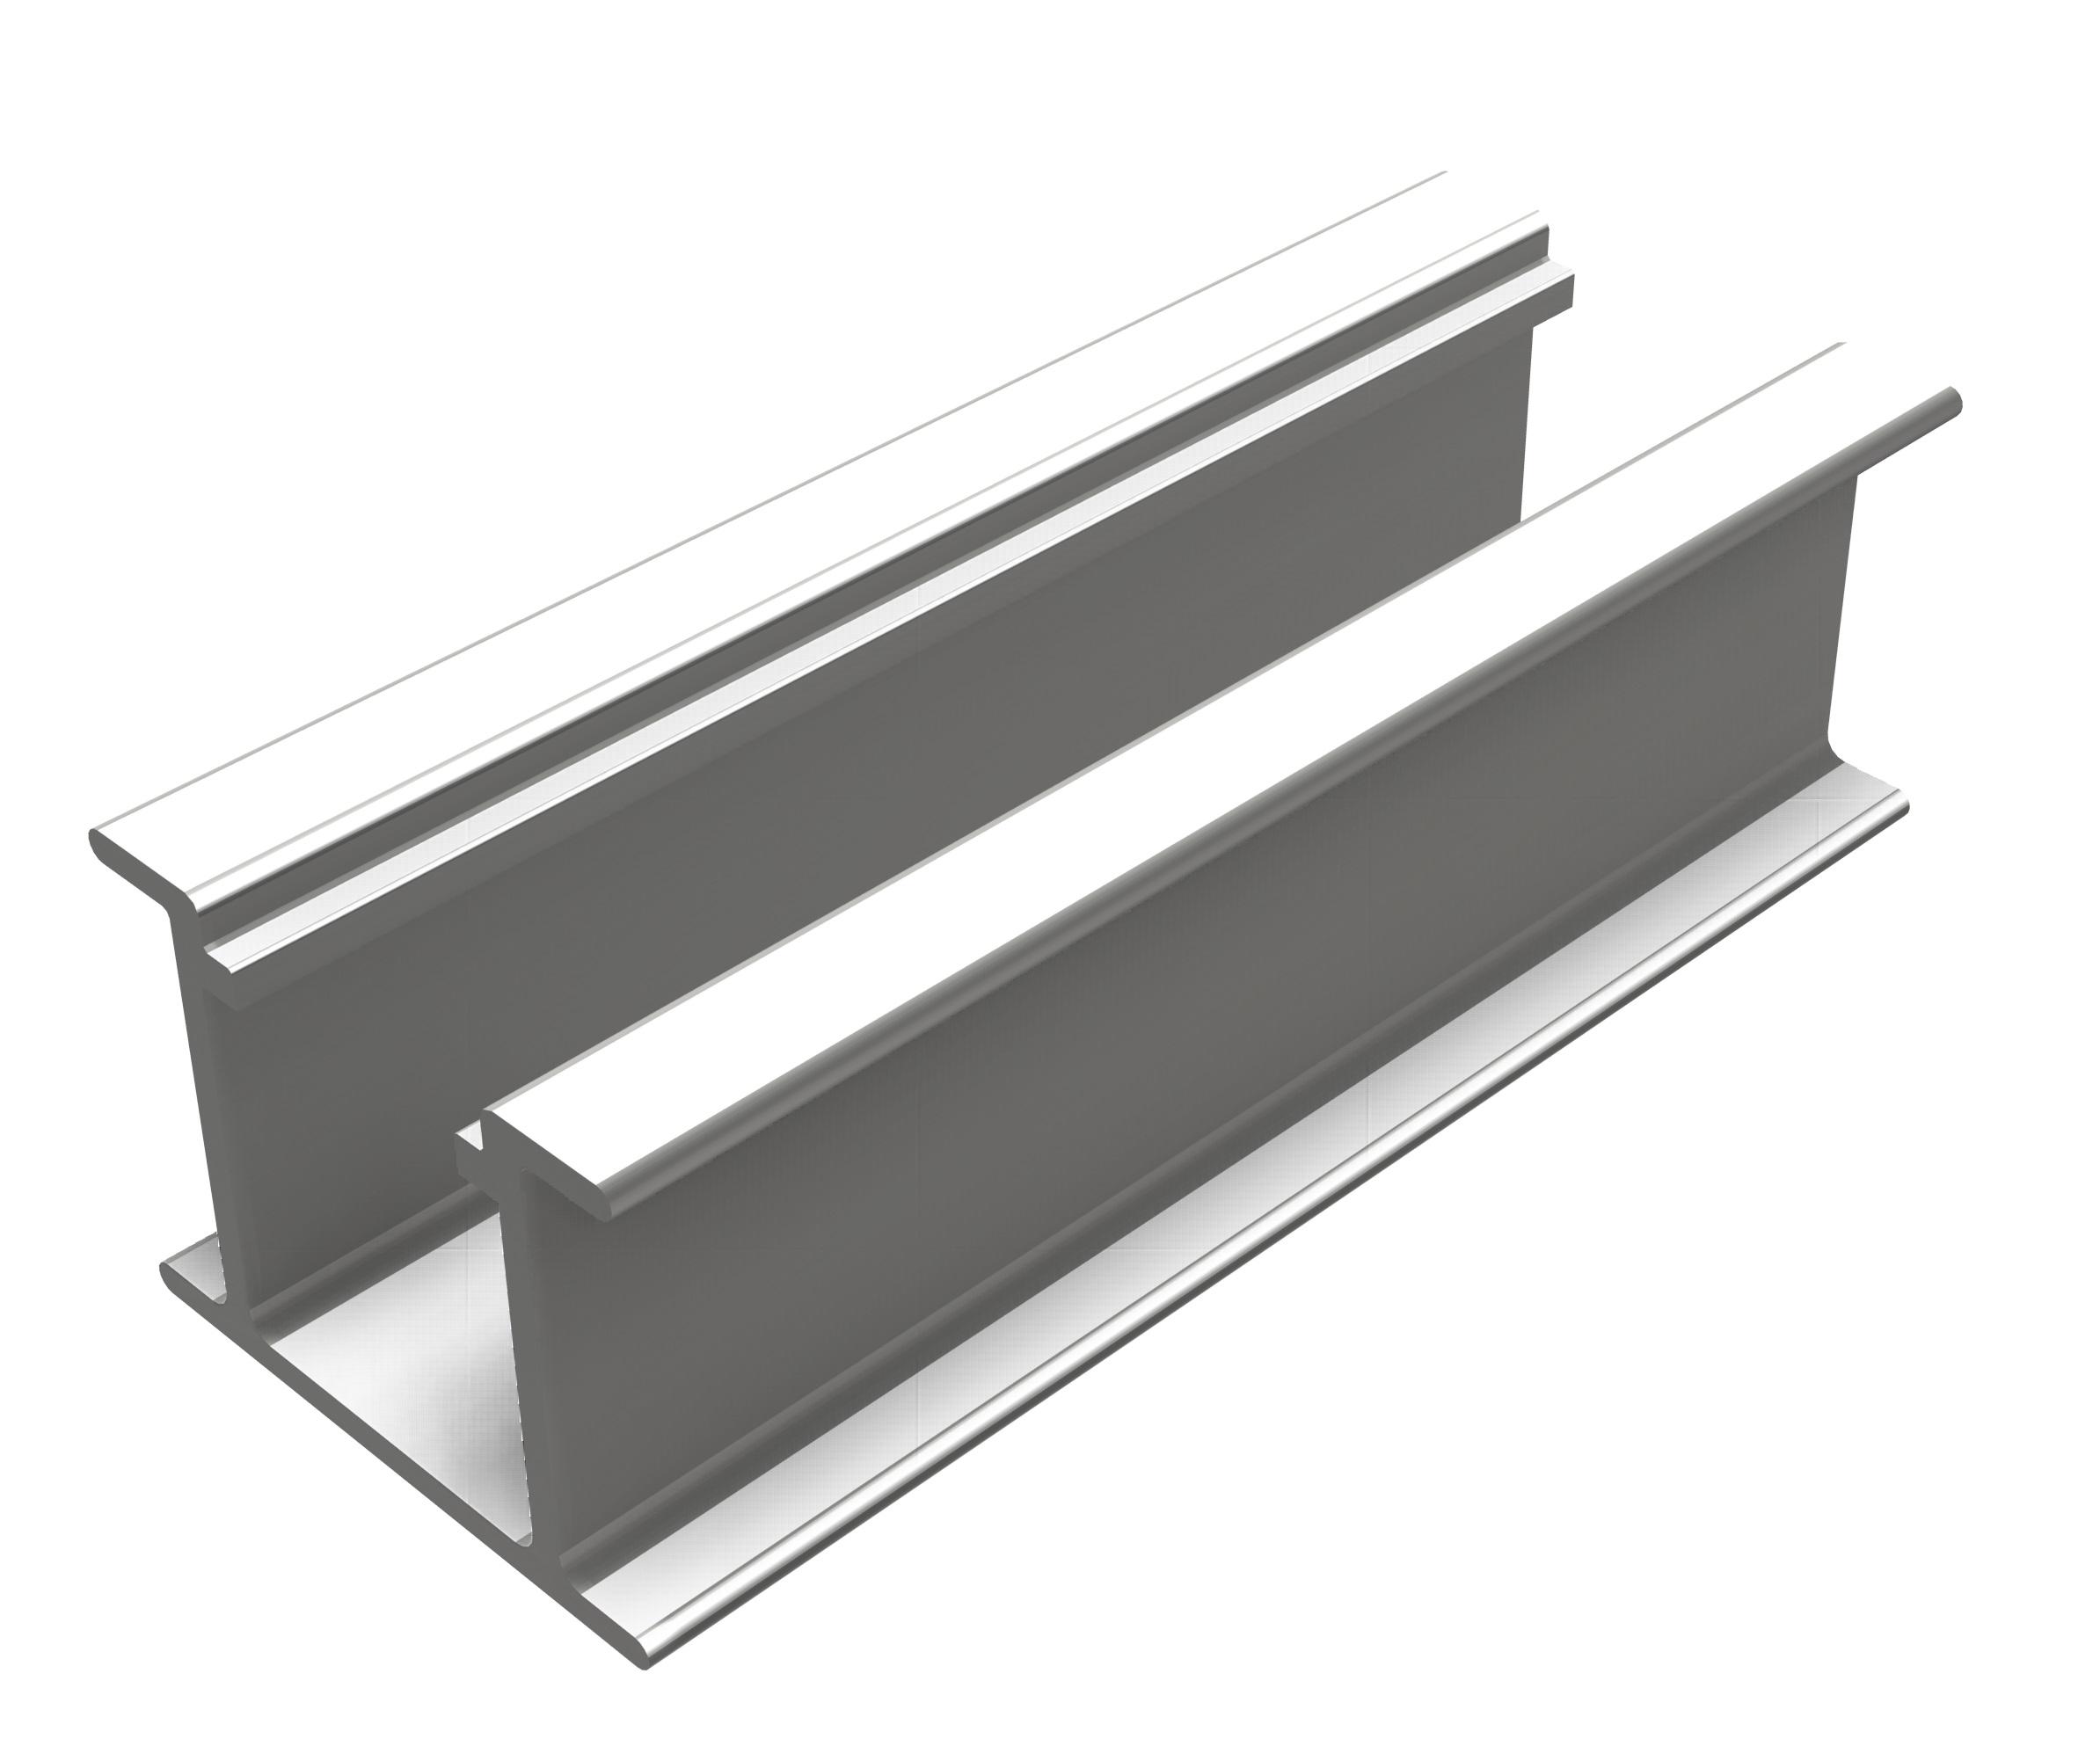 1 Stk Ultralight Kurzschienen Set Trapezdach PVF31110--